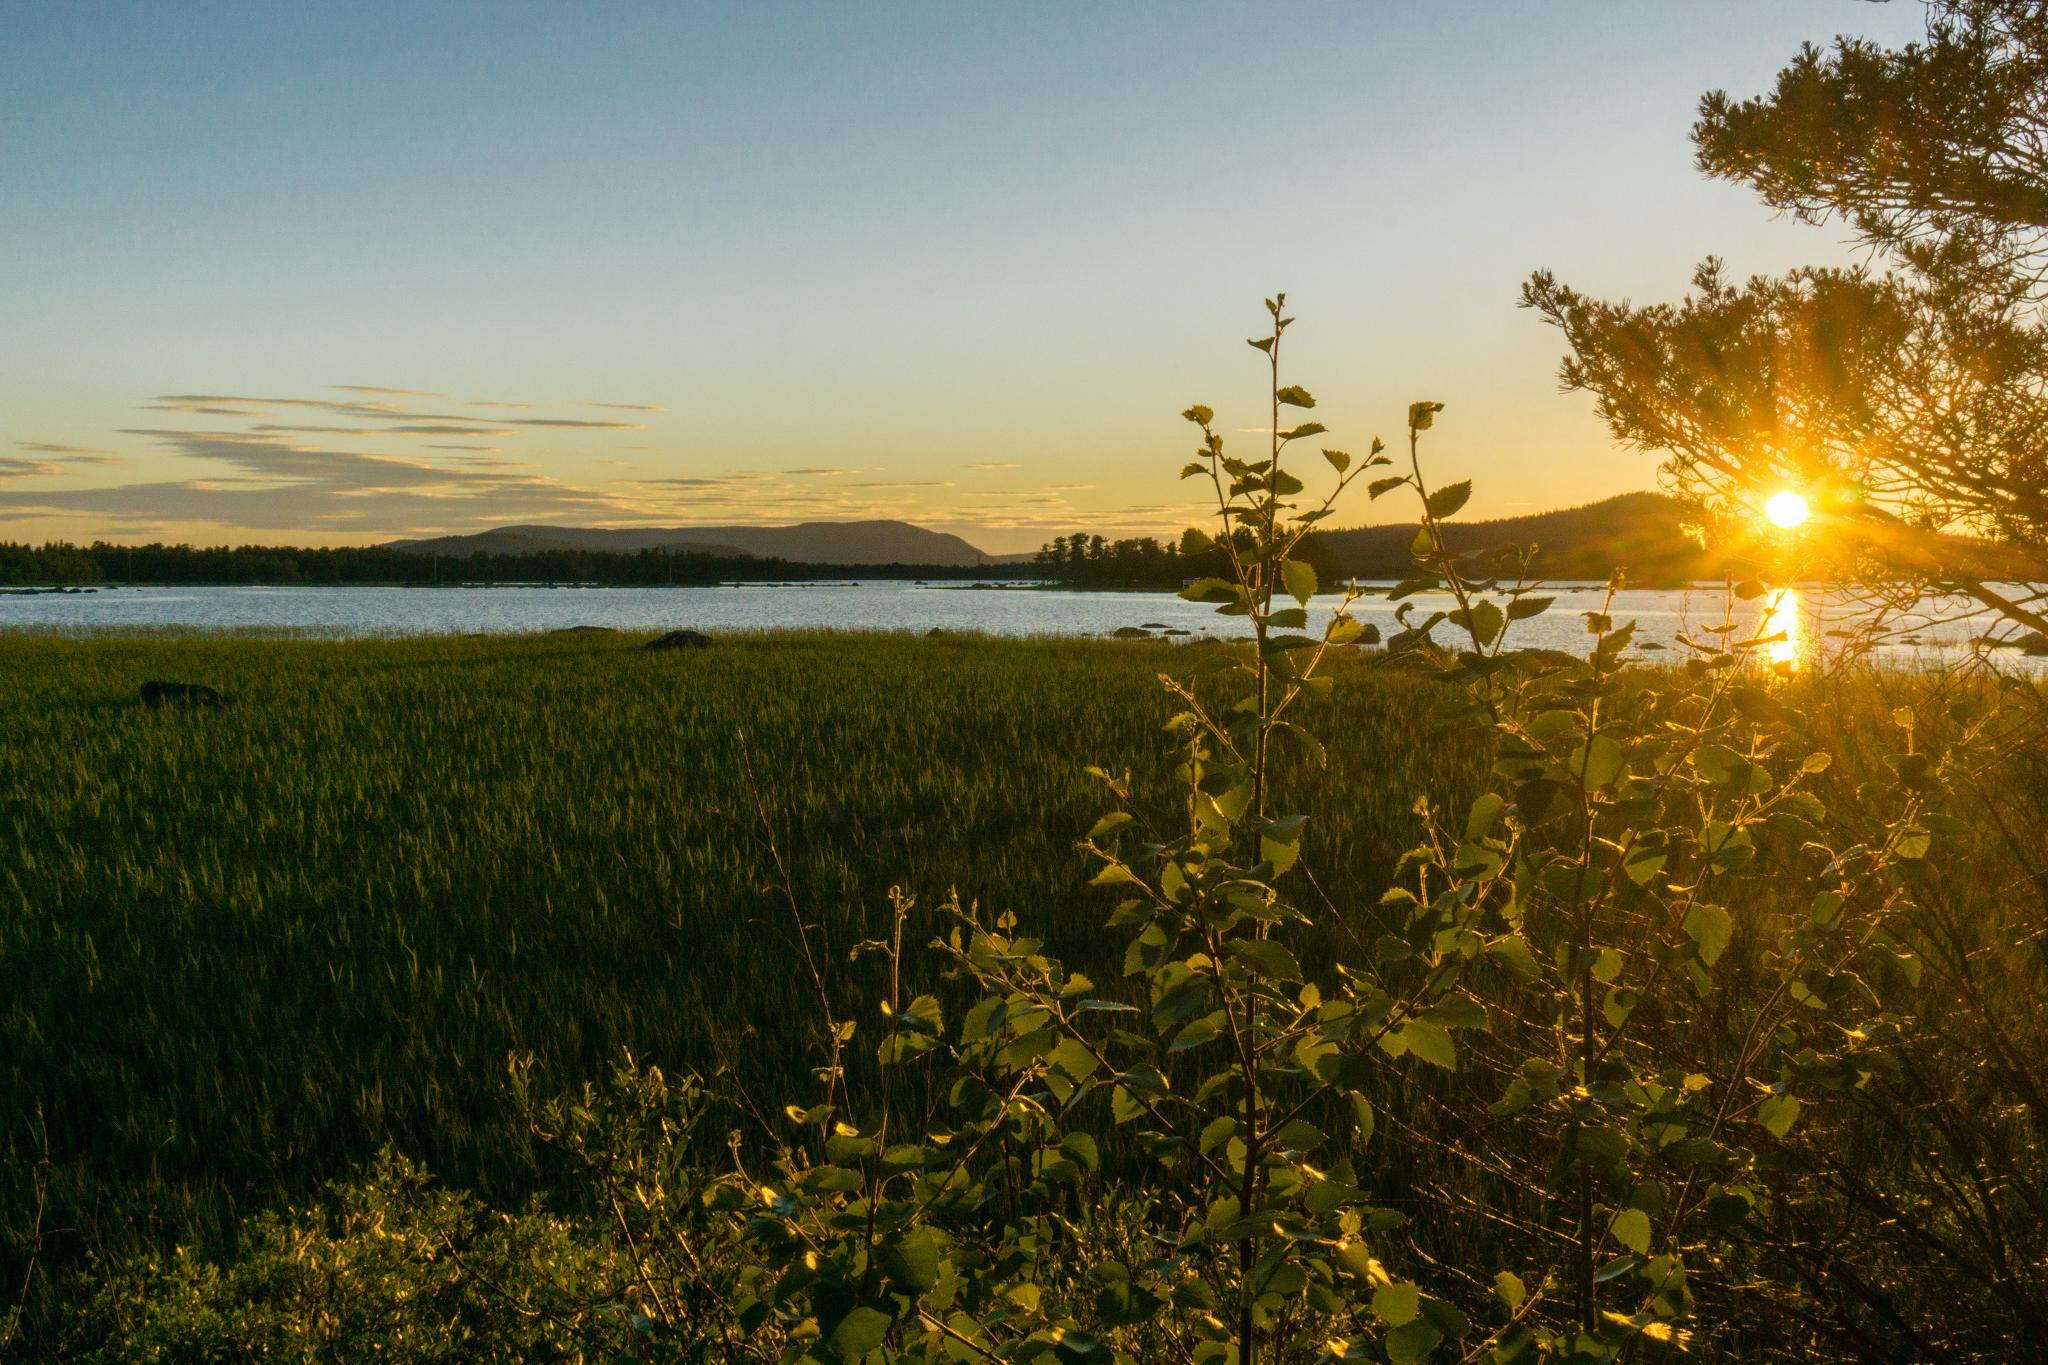 【北歐露營】北極荒野的推薦度假村 — 瑞典阿爾耶普魯格 Kraja 酒店 64